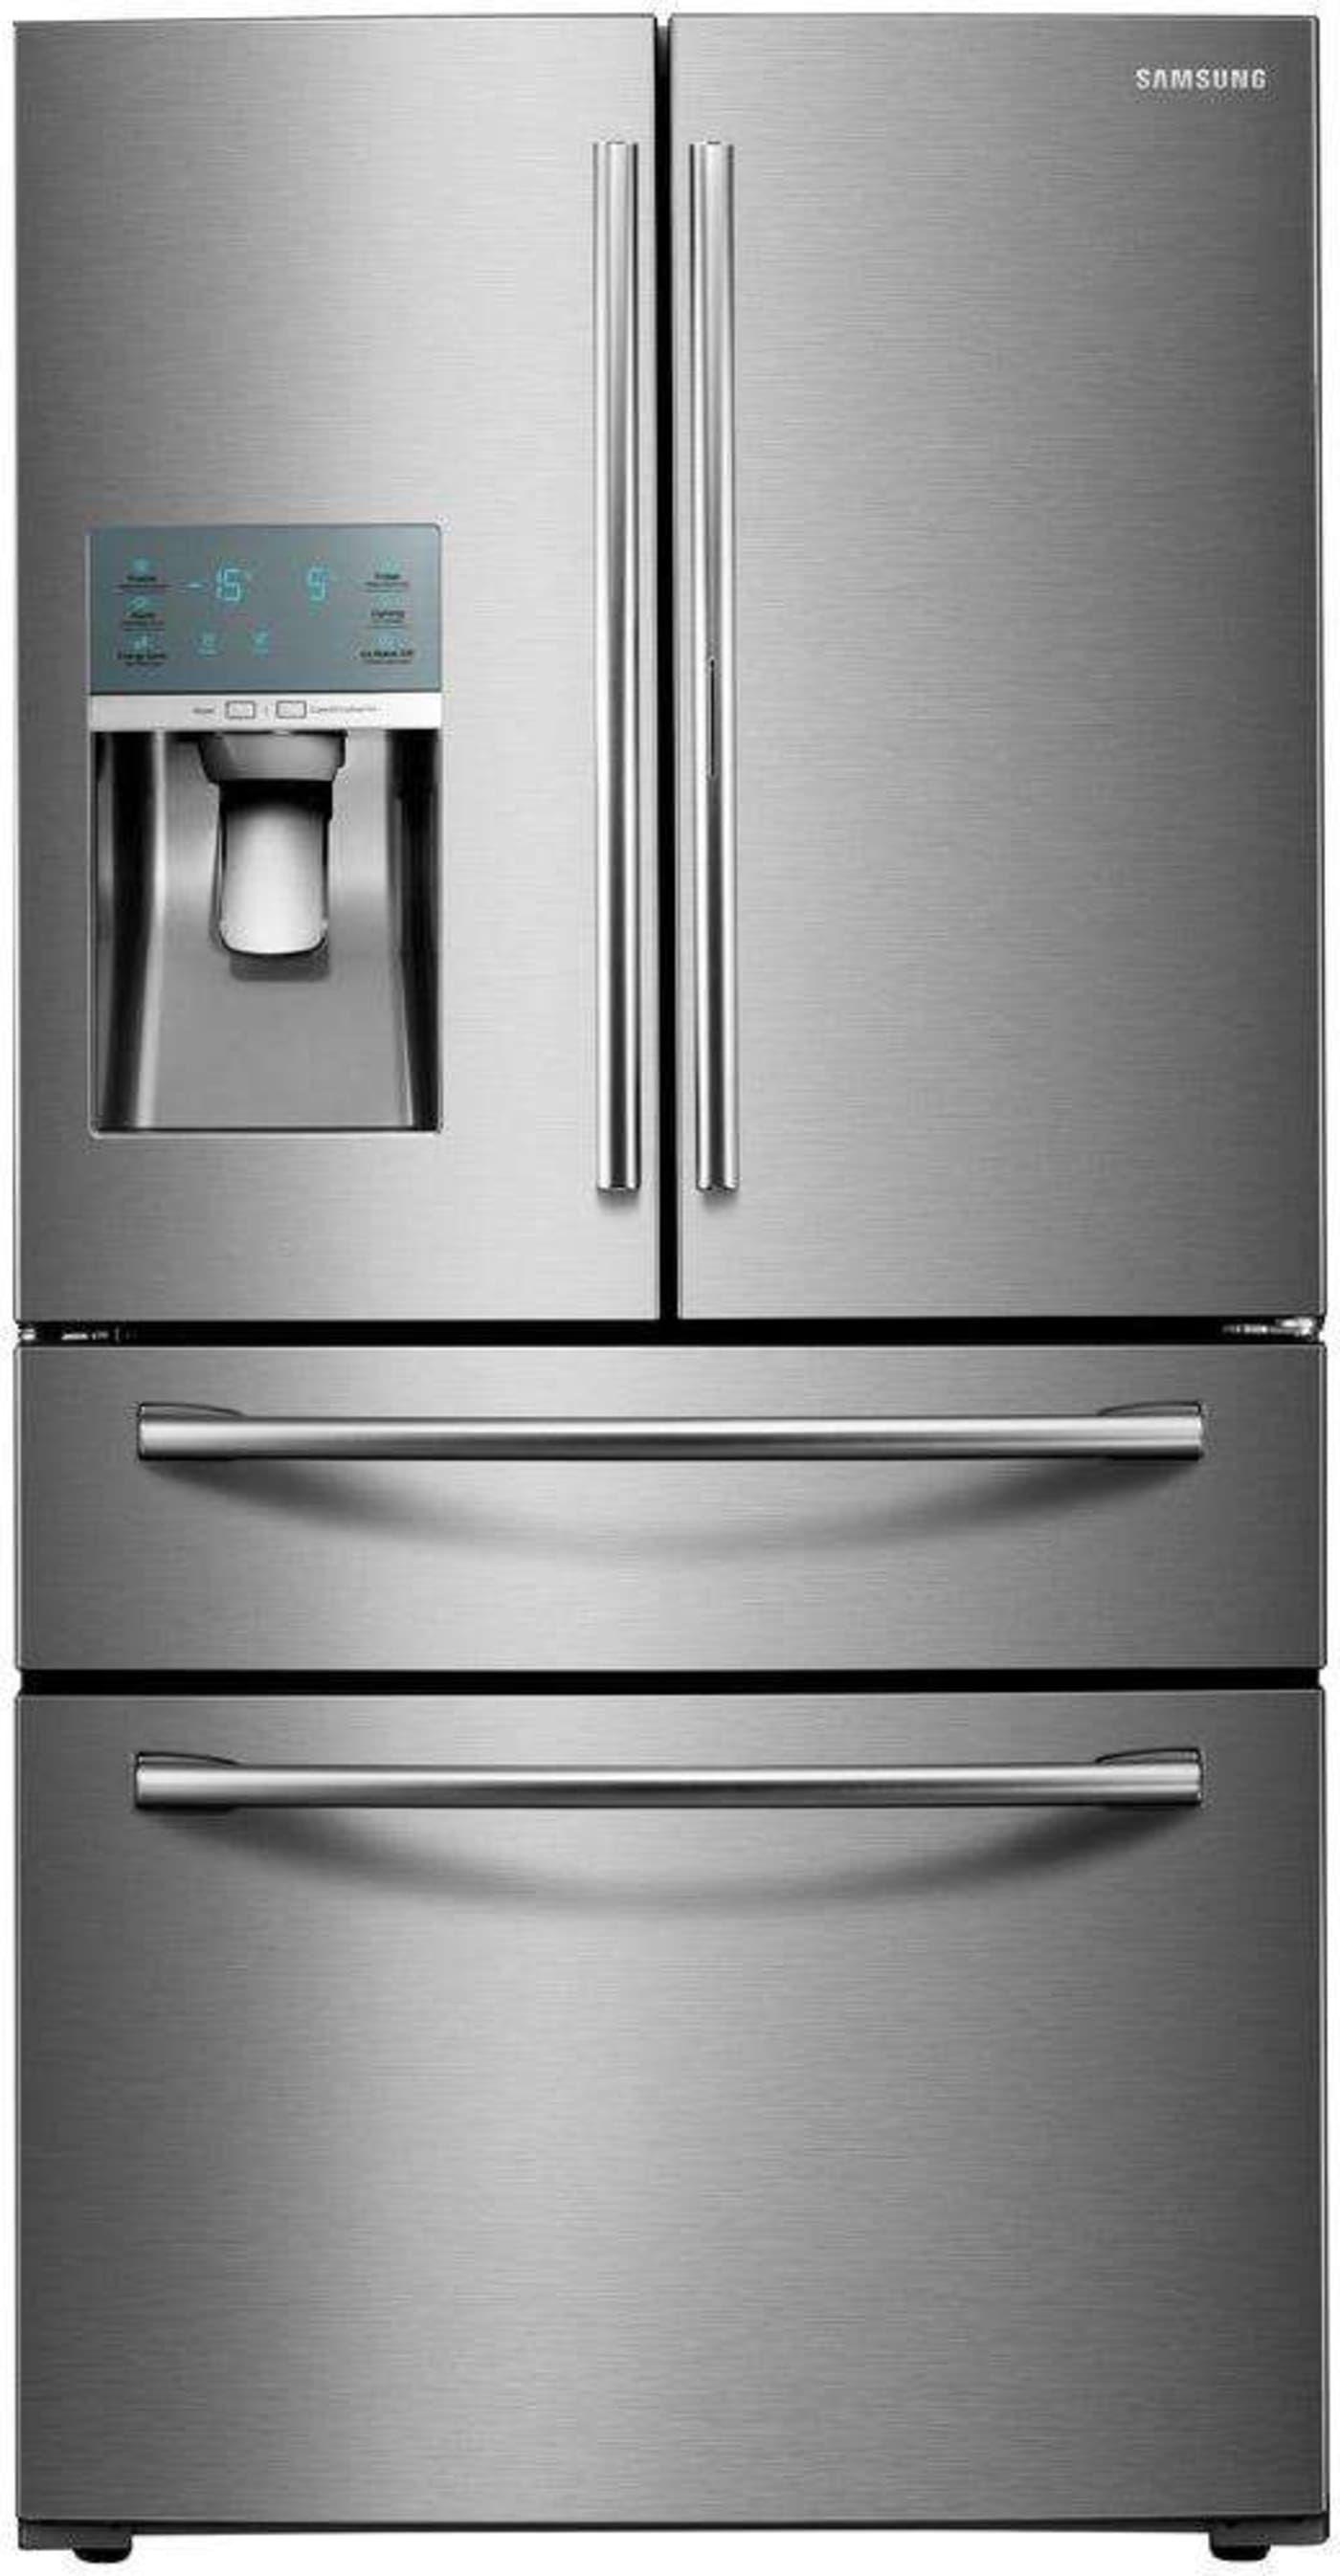 Samsung Rf22kredbsr Samsung Refrigerator French Door Samsung